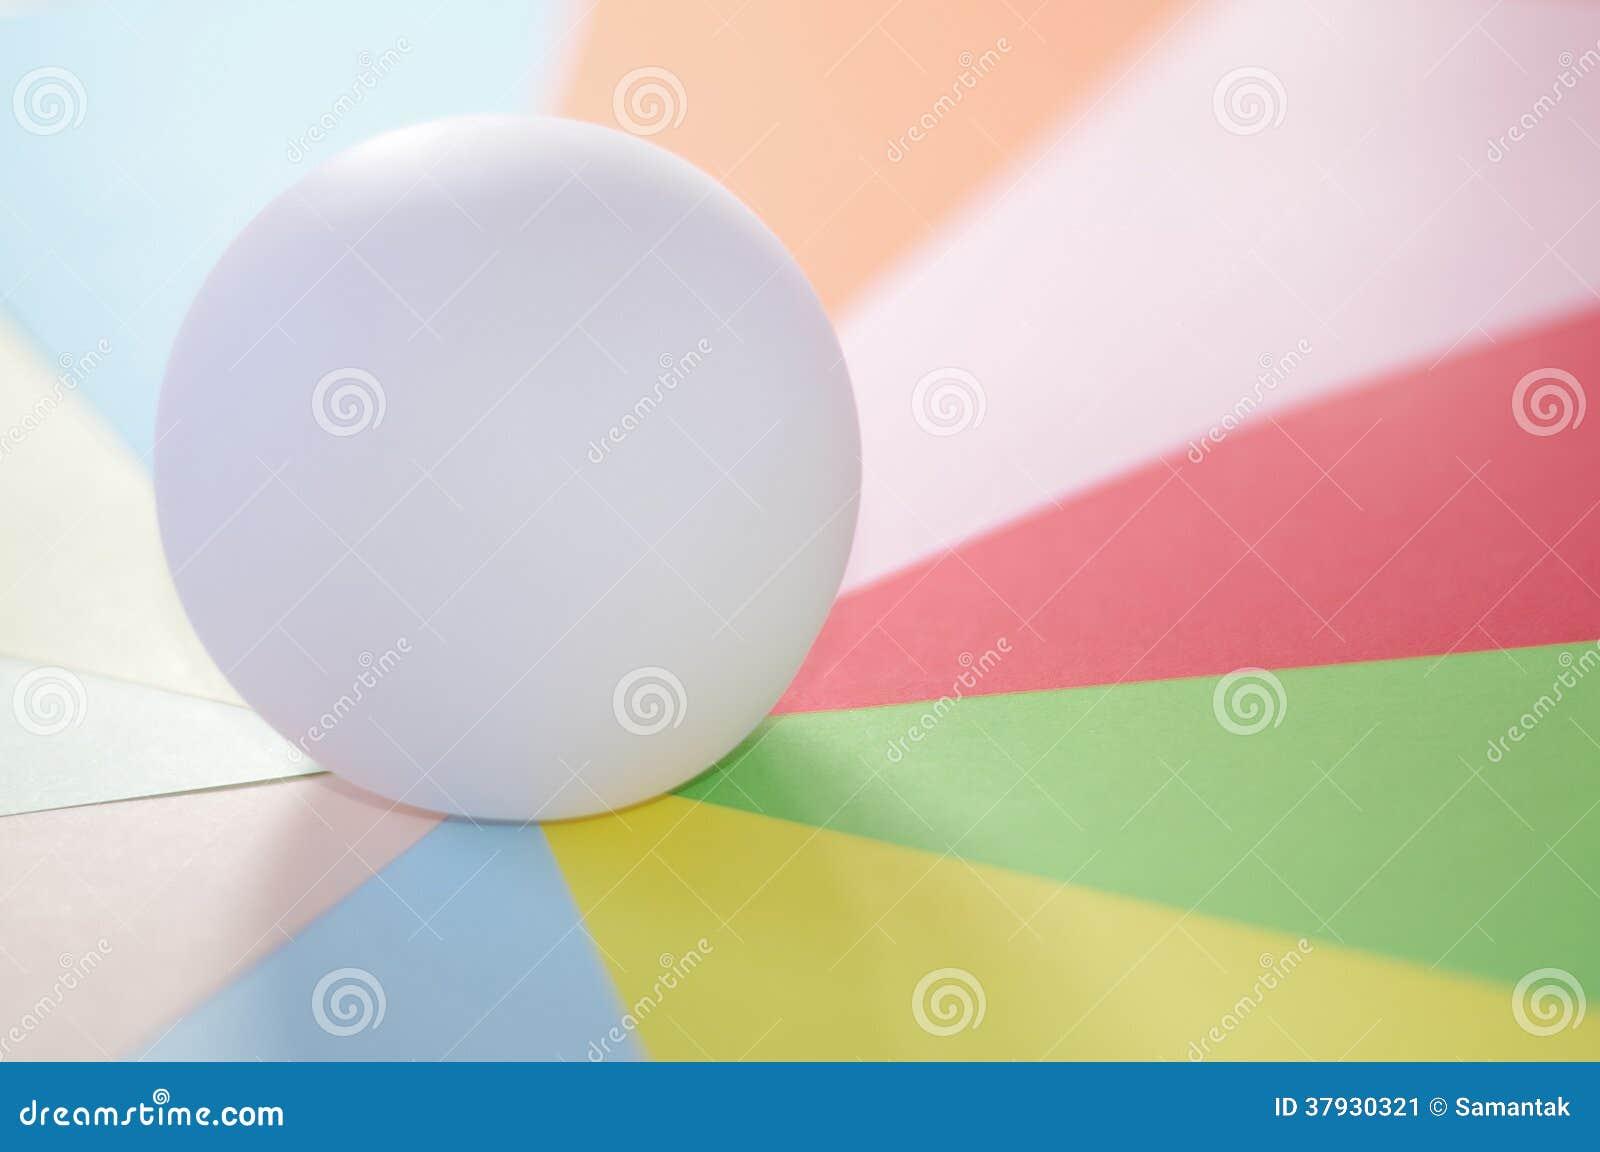 Шарик на спектре пастельных цветов